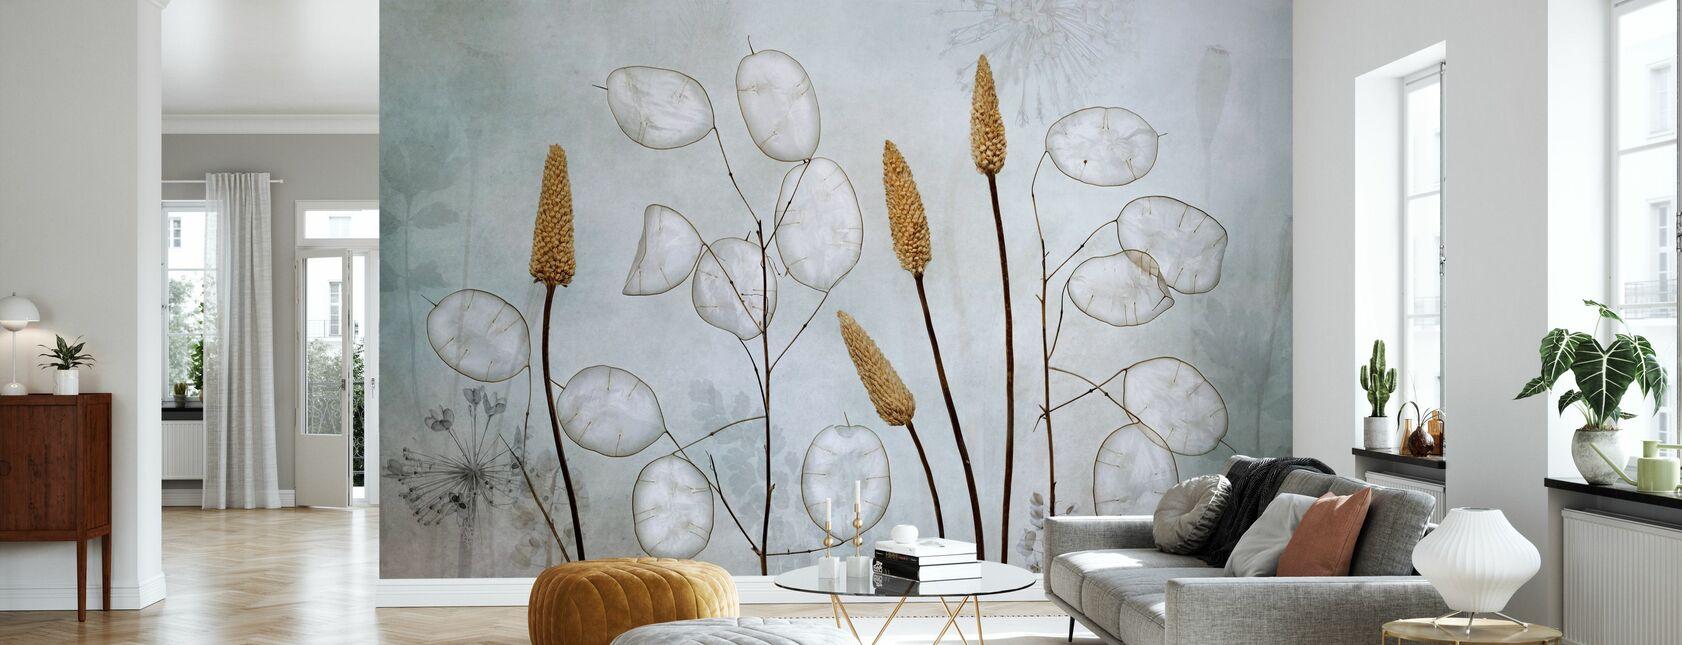 Lunaria - Tapete - Wohnzimmer